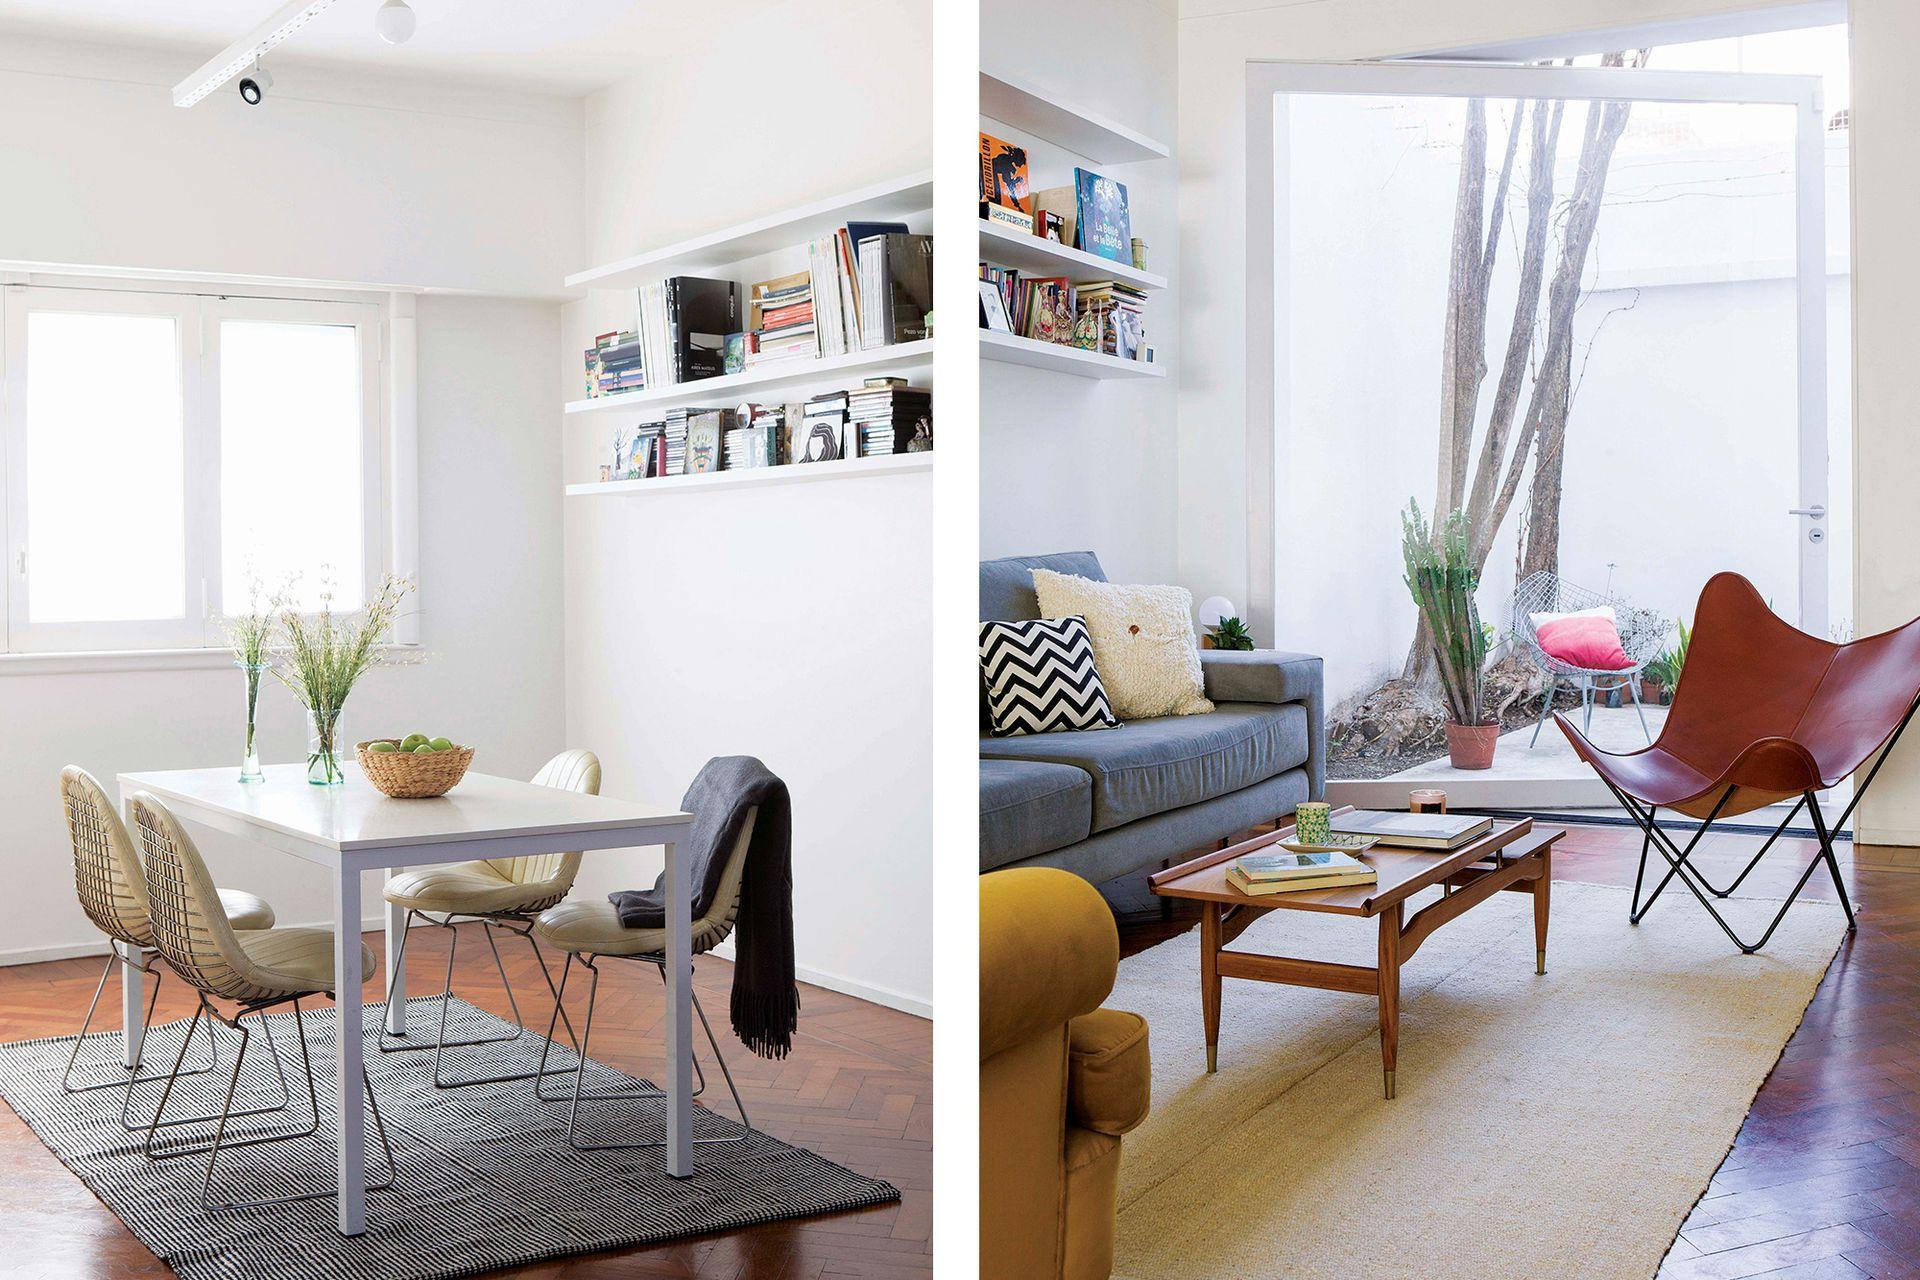 En el comedor, alfombra 'Moiré' (Elementos Argentinos). Mesa blanca hecha a medida y sillas tipo 'Eames'.